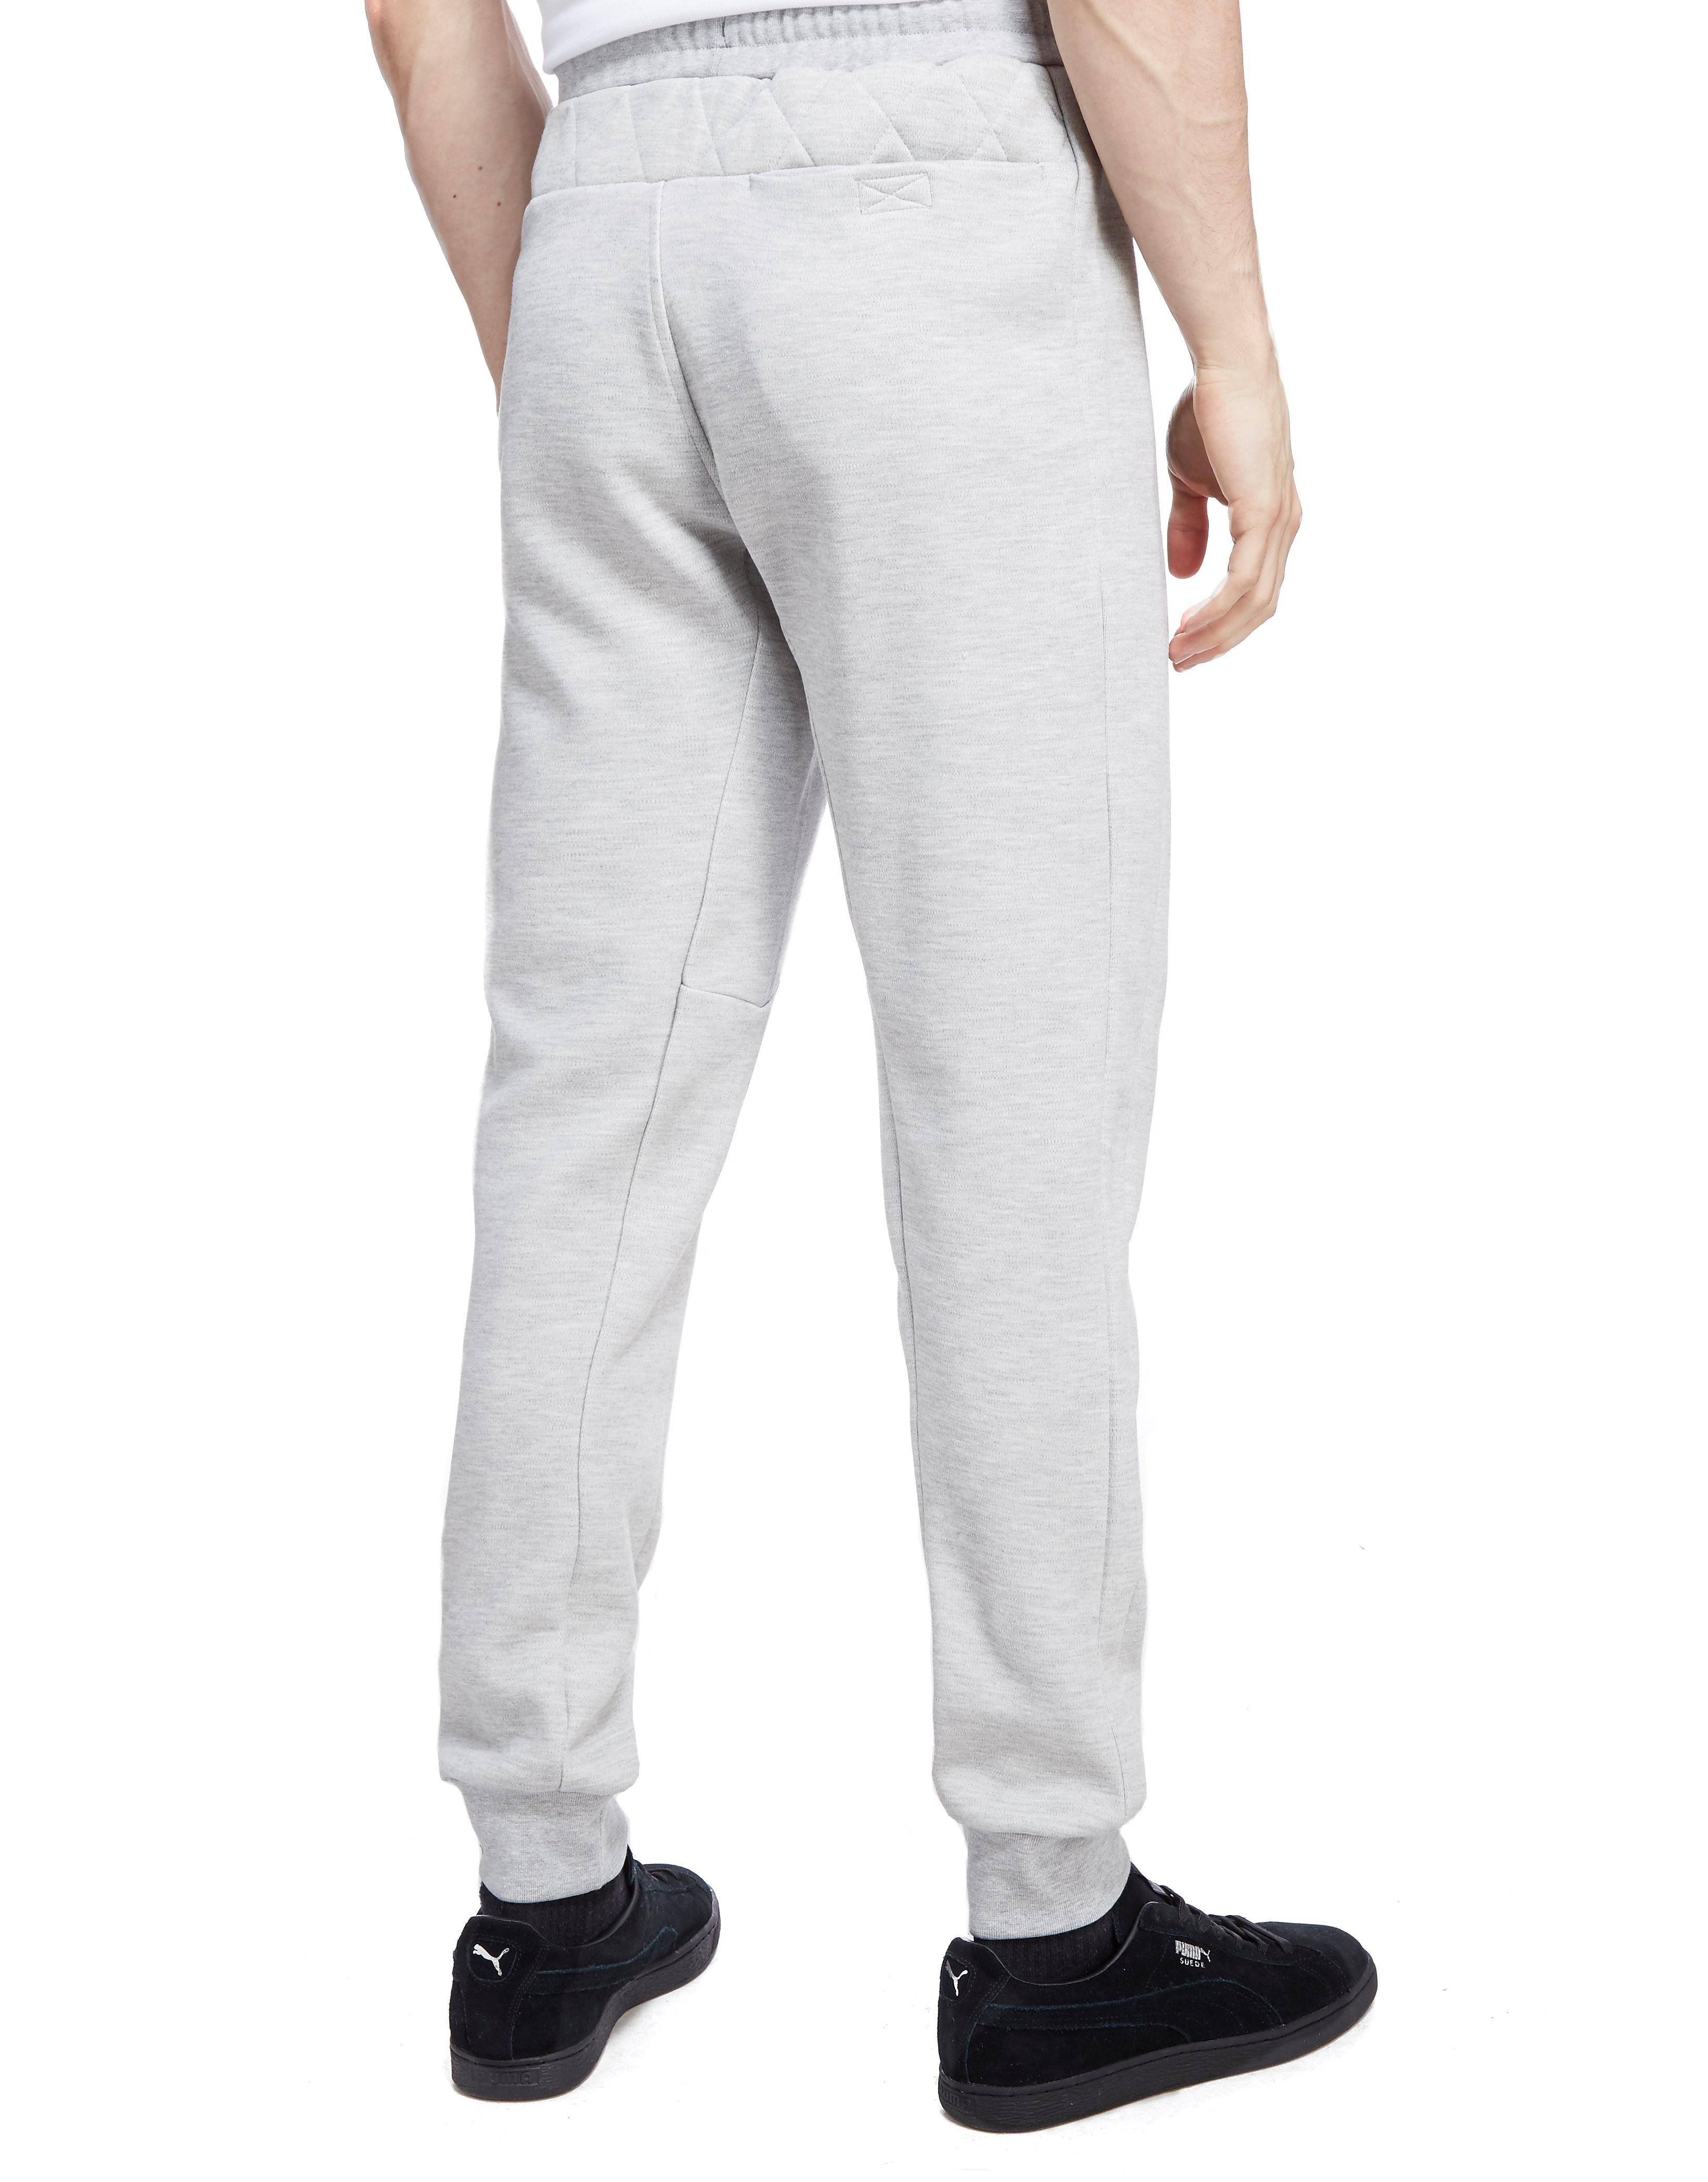 PUMA Evo Quilt Pants